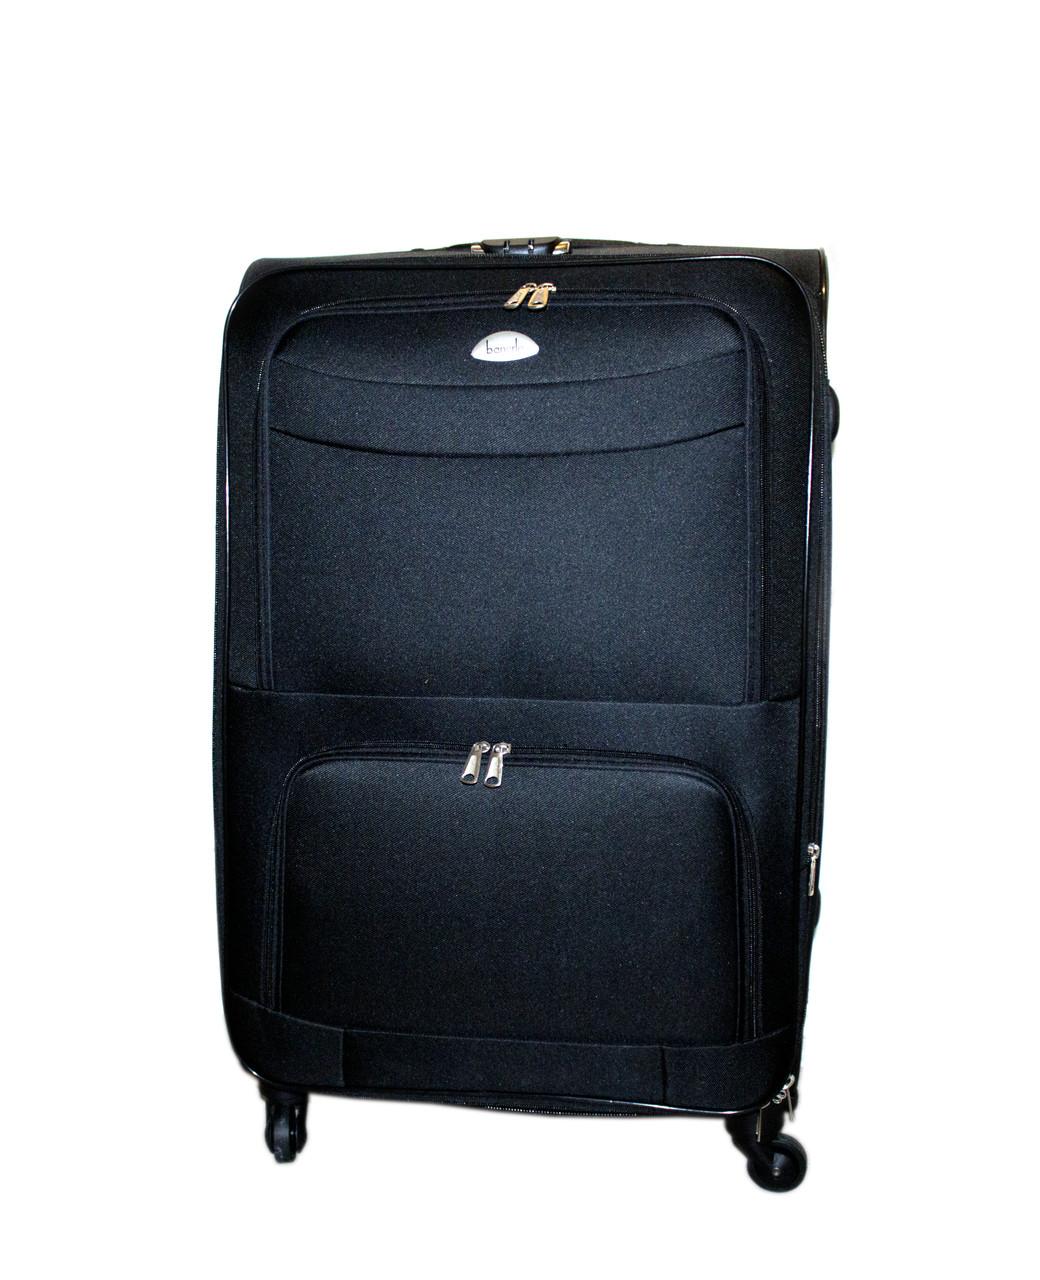 Дорожный чемодан 4 колеса (большой) чёрный, артикул: 6-240